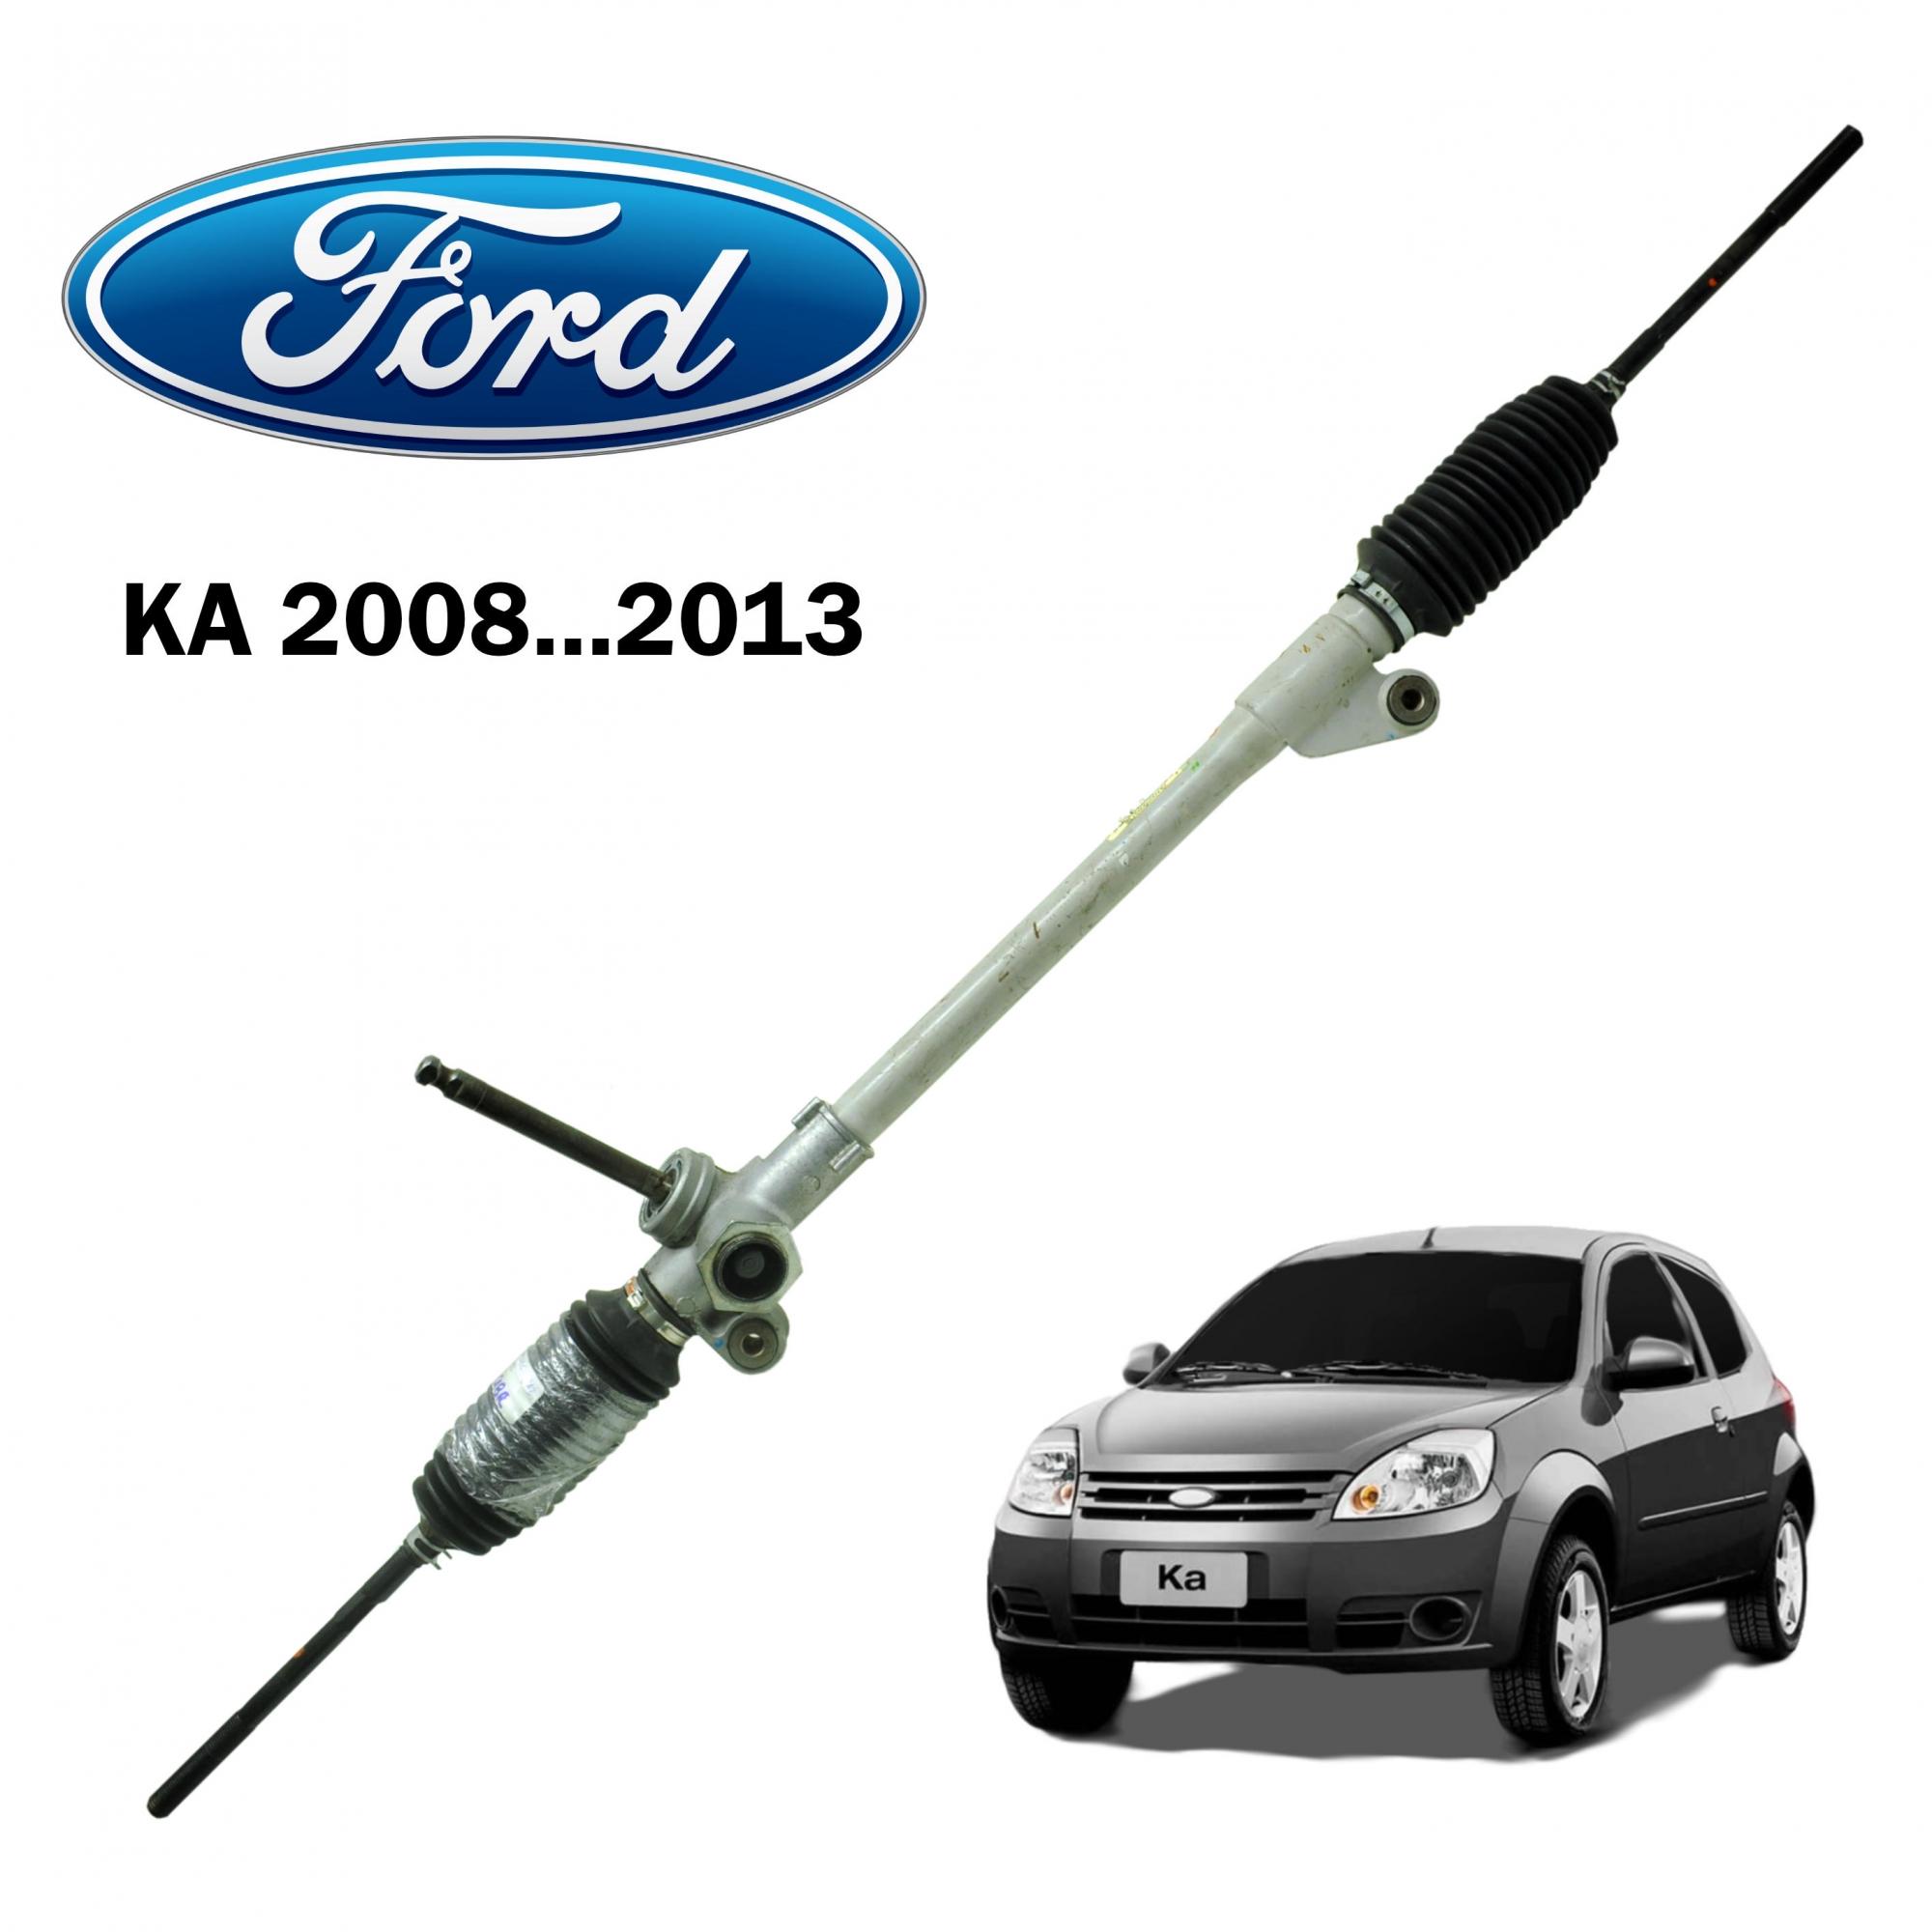 Caixa Direção Mecânica Ford Ka 2008...2013